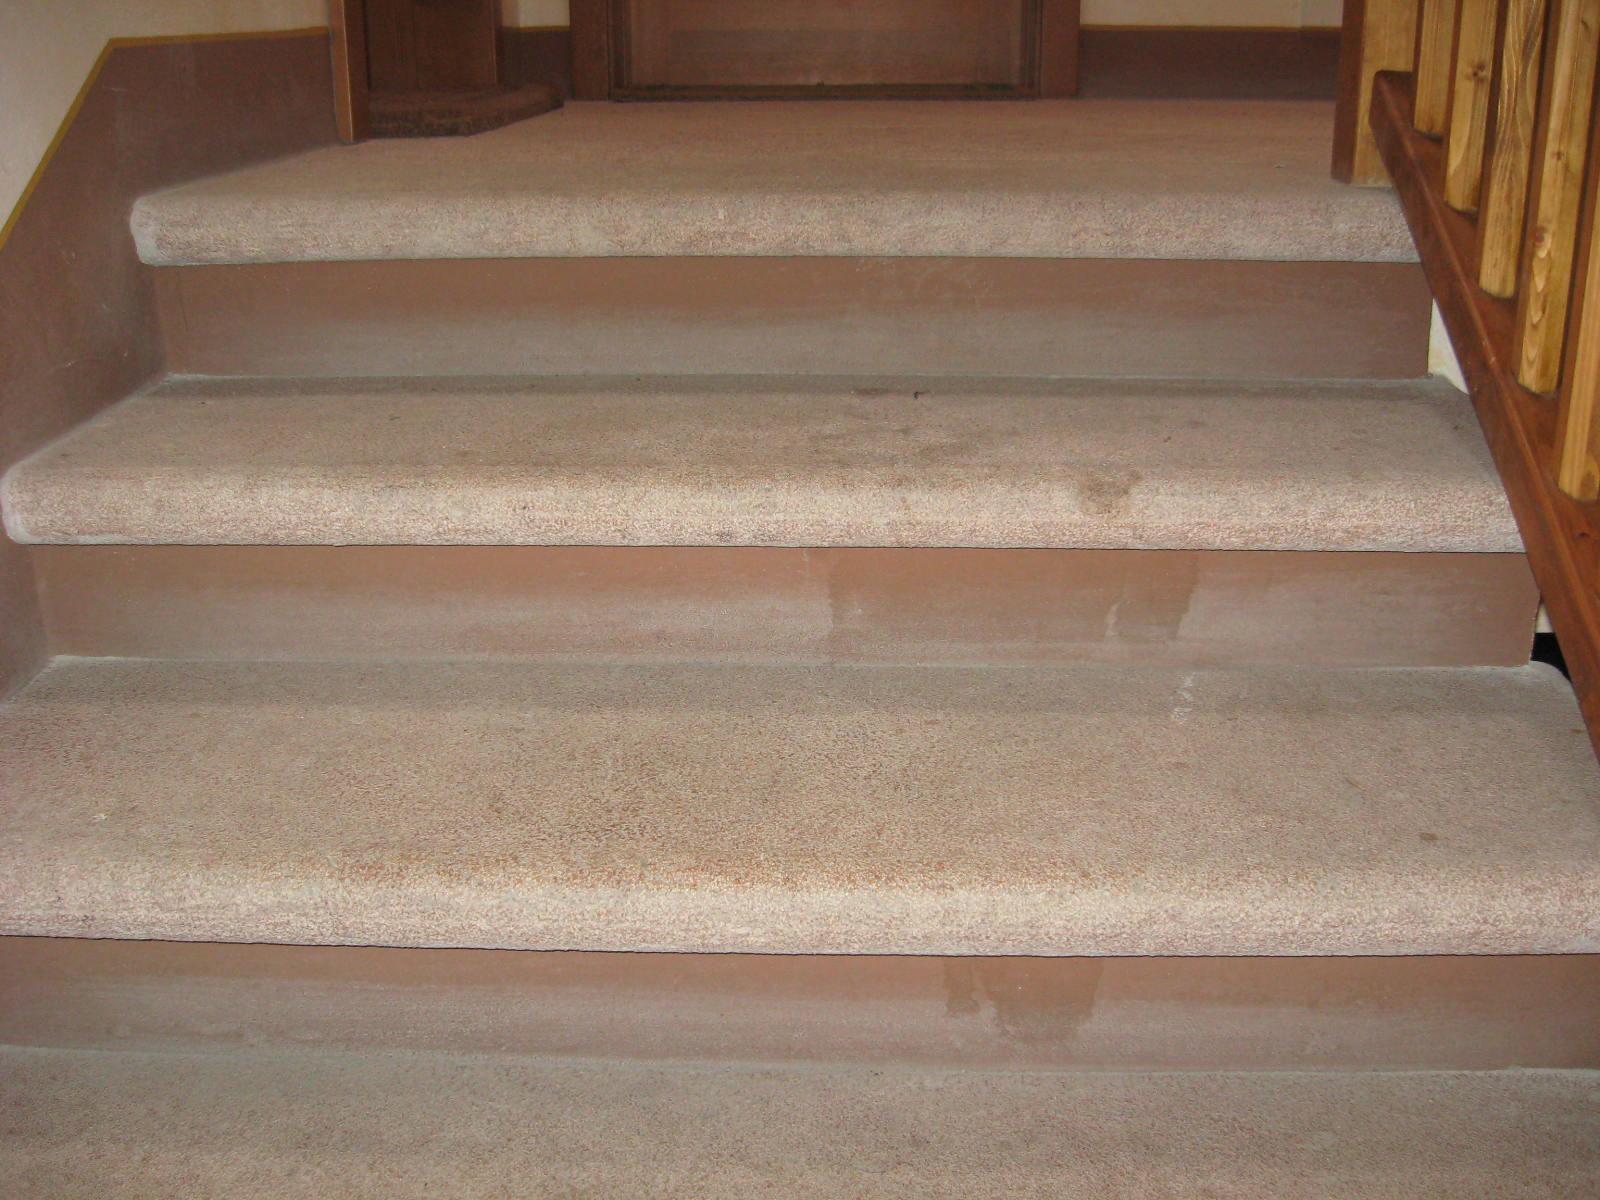 Pavimenti per scale esterne risultati immagini per pietre - Piastrelle per scale esterne ...